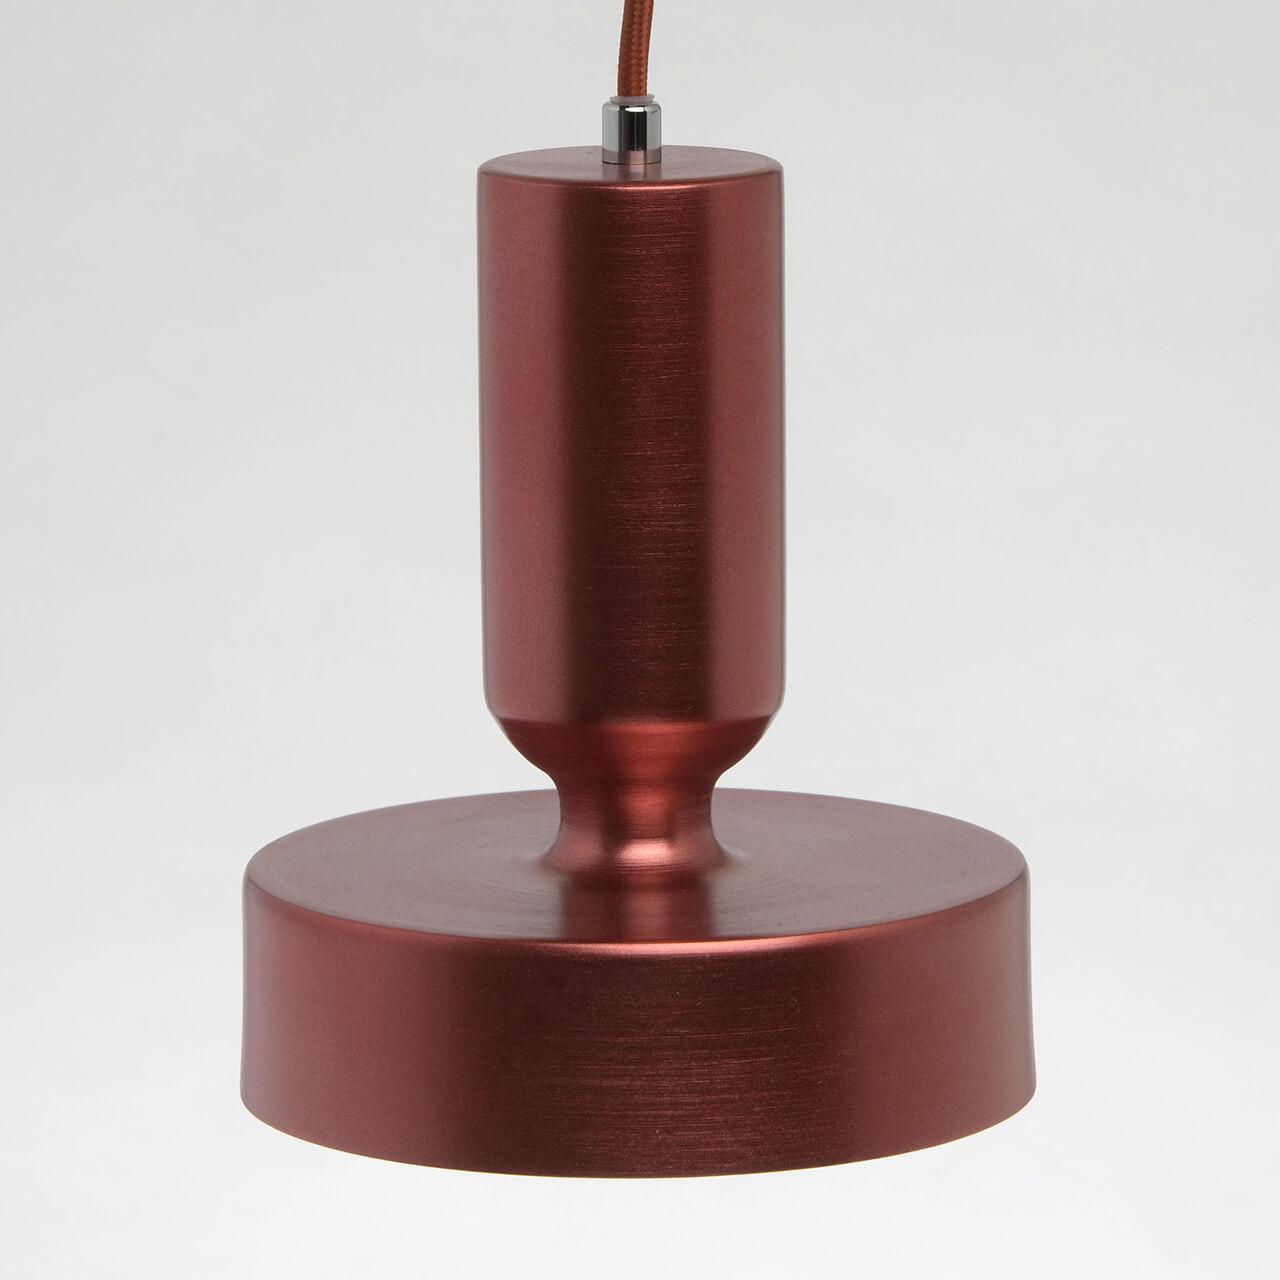 Подвесной светильник MW-Light Элвис 2 715010401 подвесной светильник mw light элвис 2 715010601